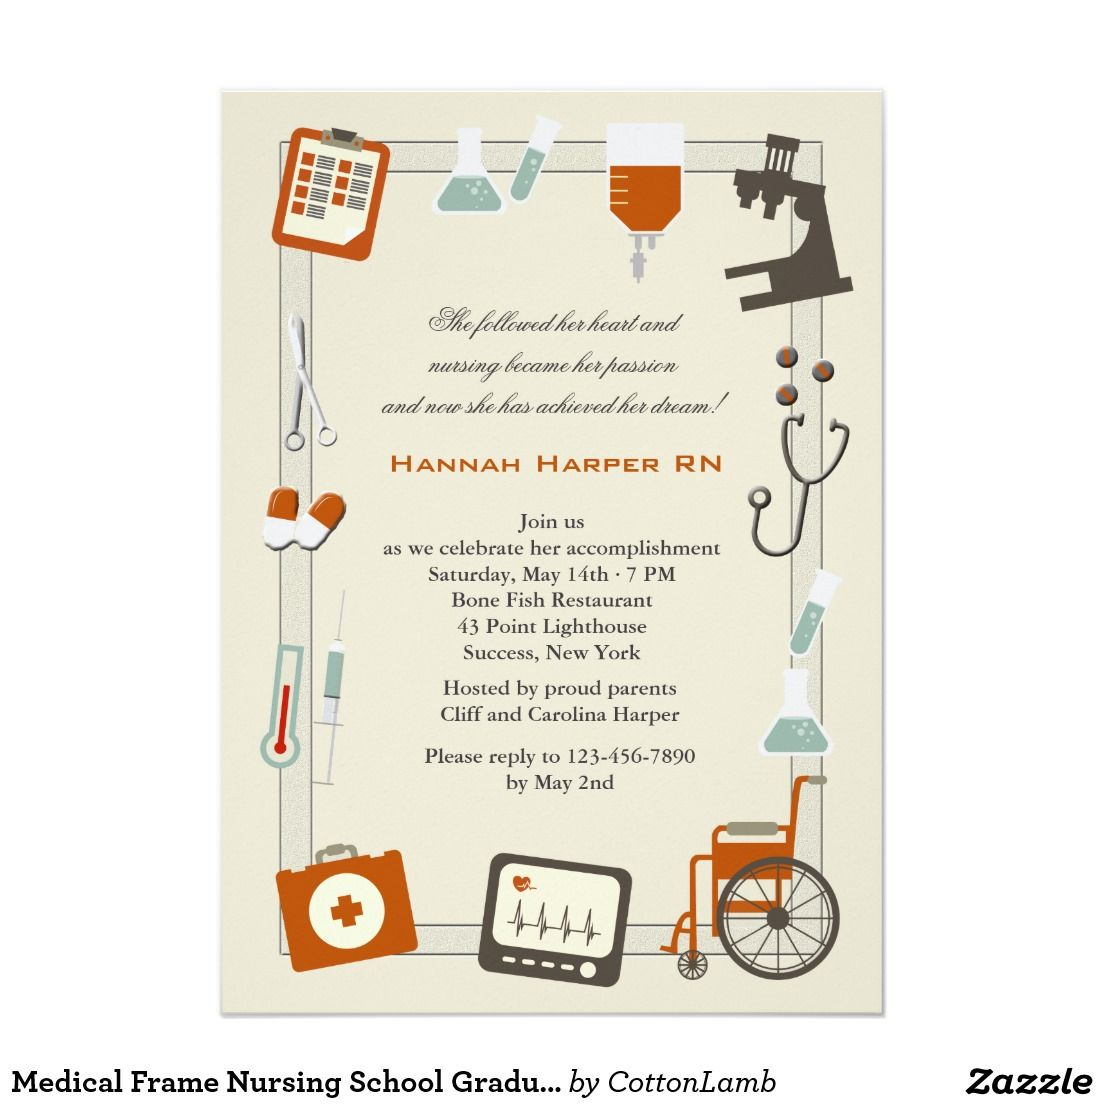 Medical Frame Nursing School Graduation Invitation